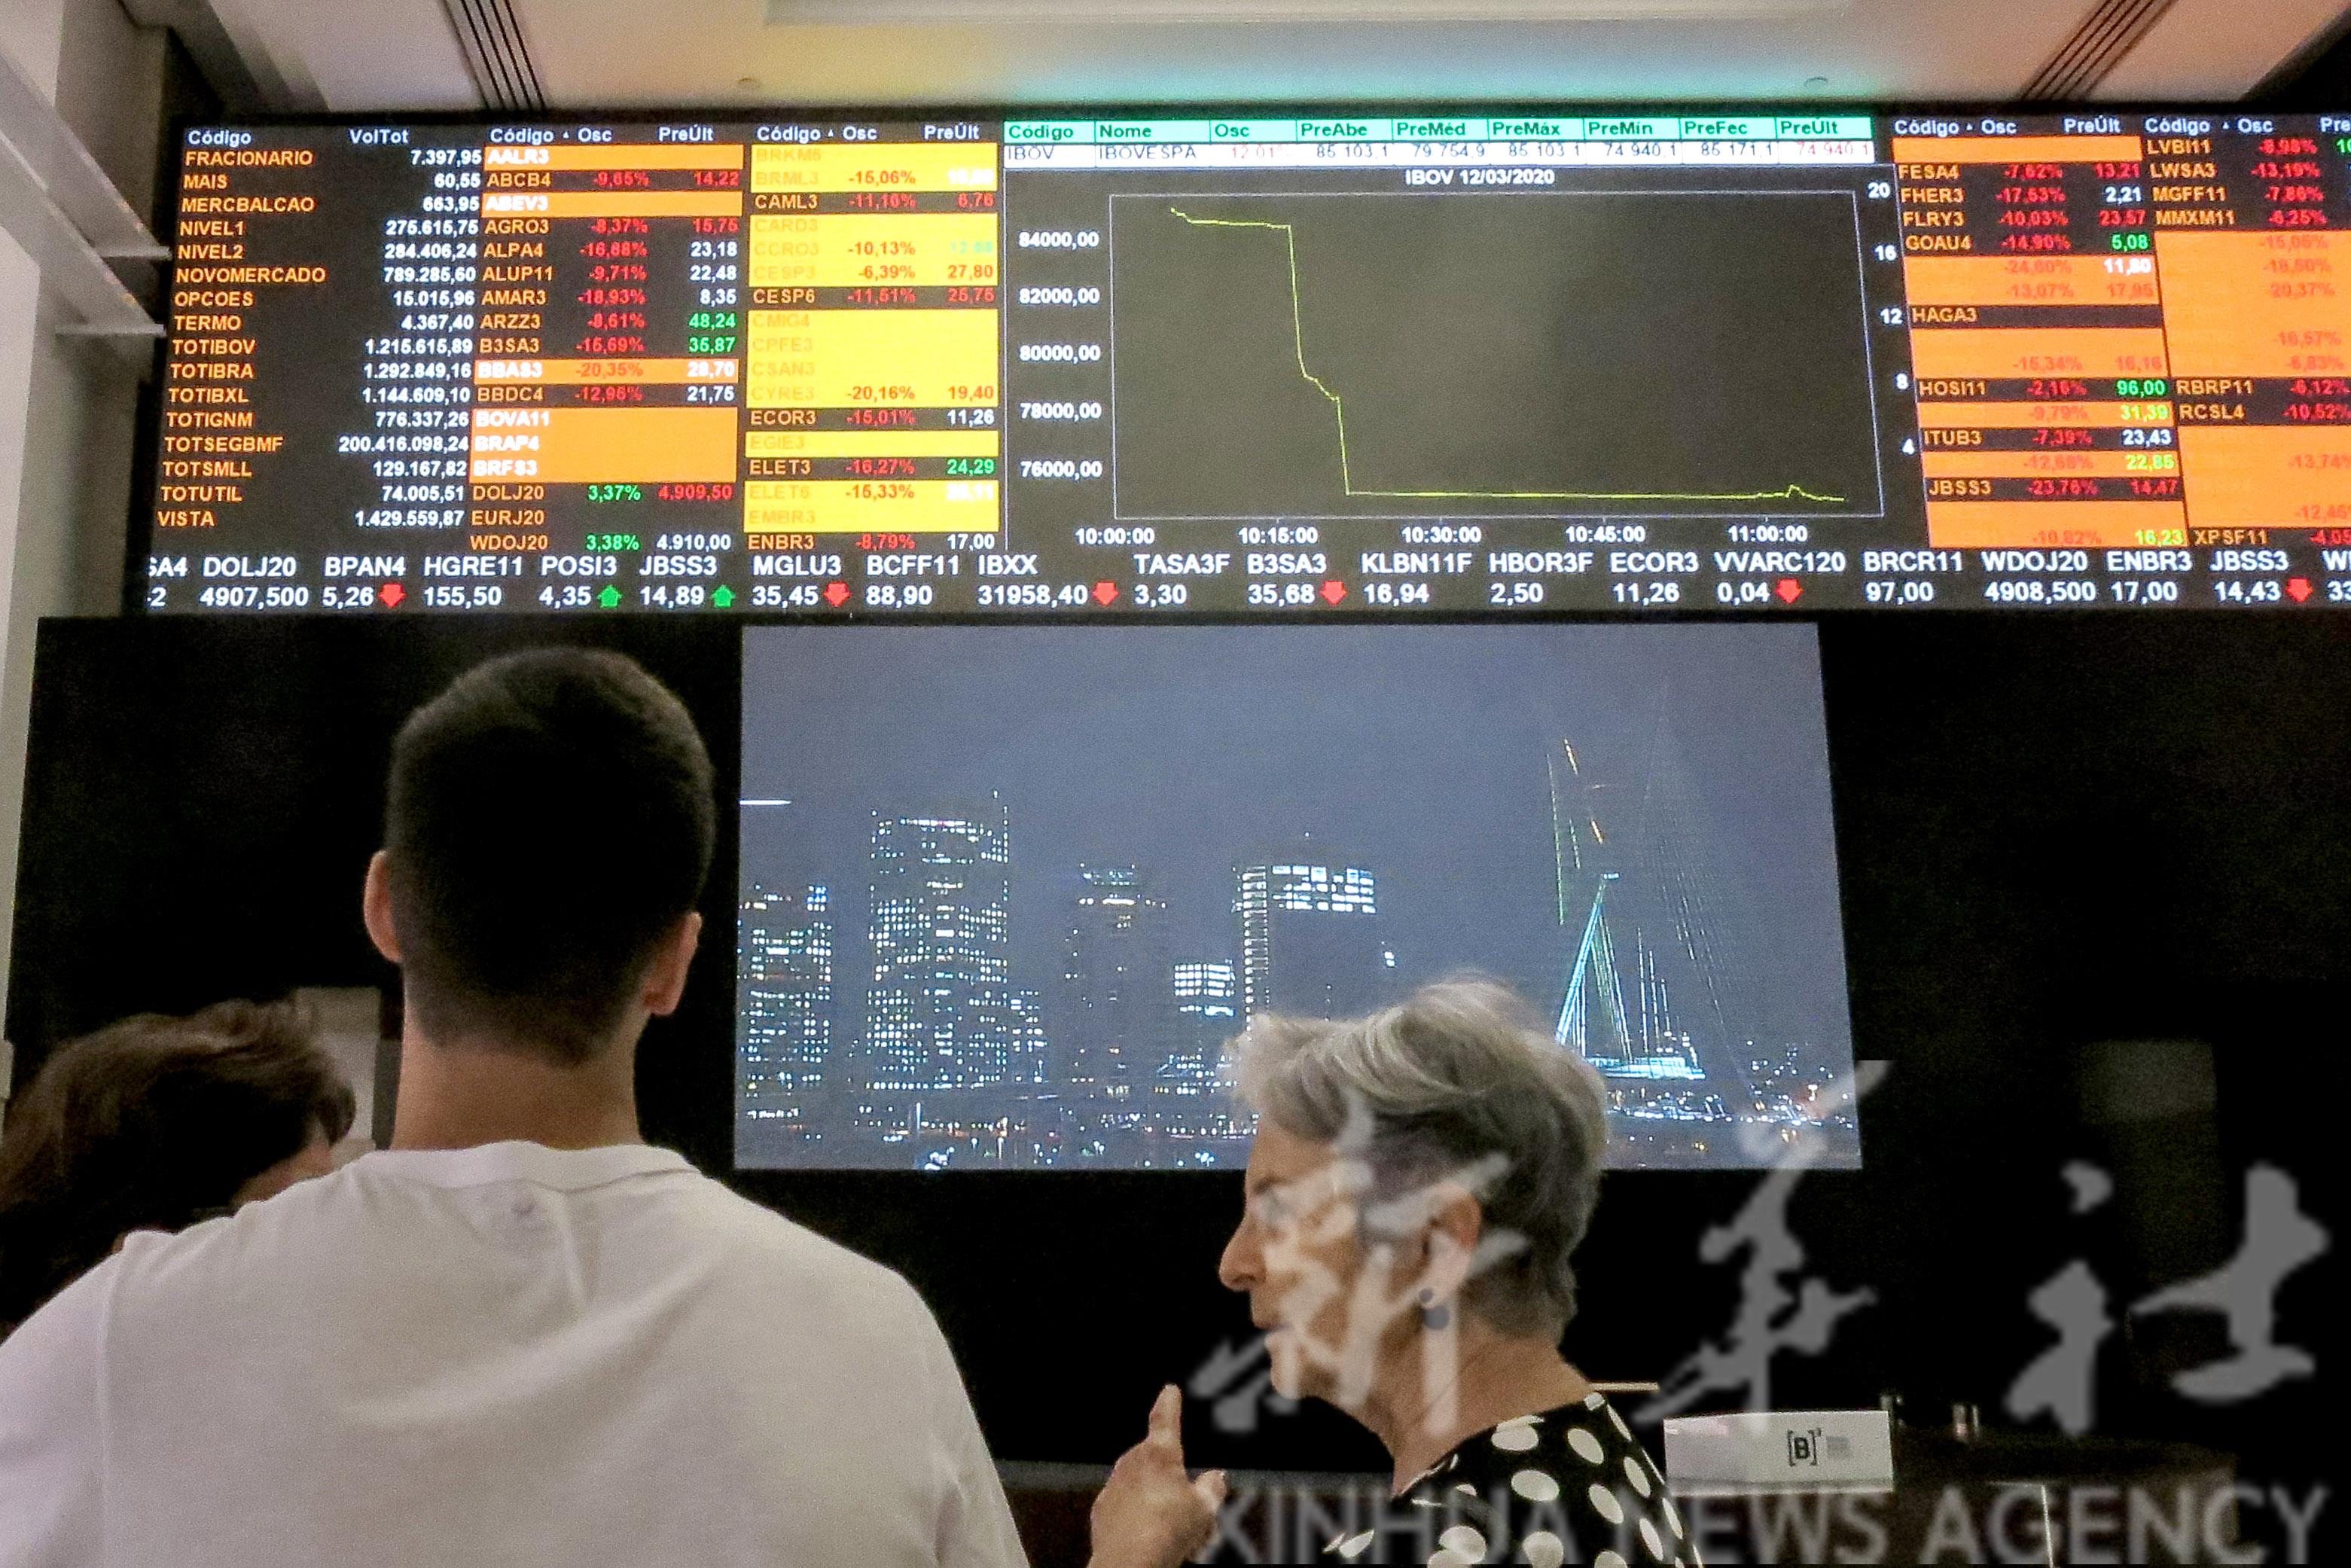 拉美多国金融市场剧烈震荡